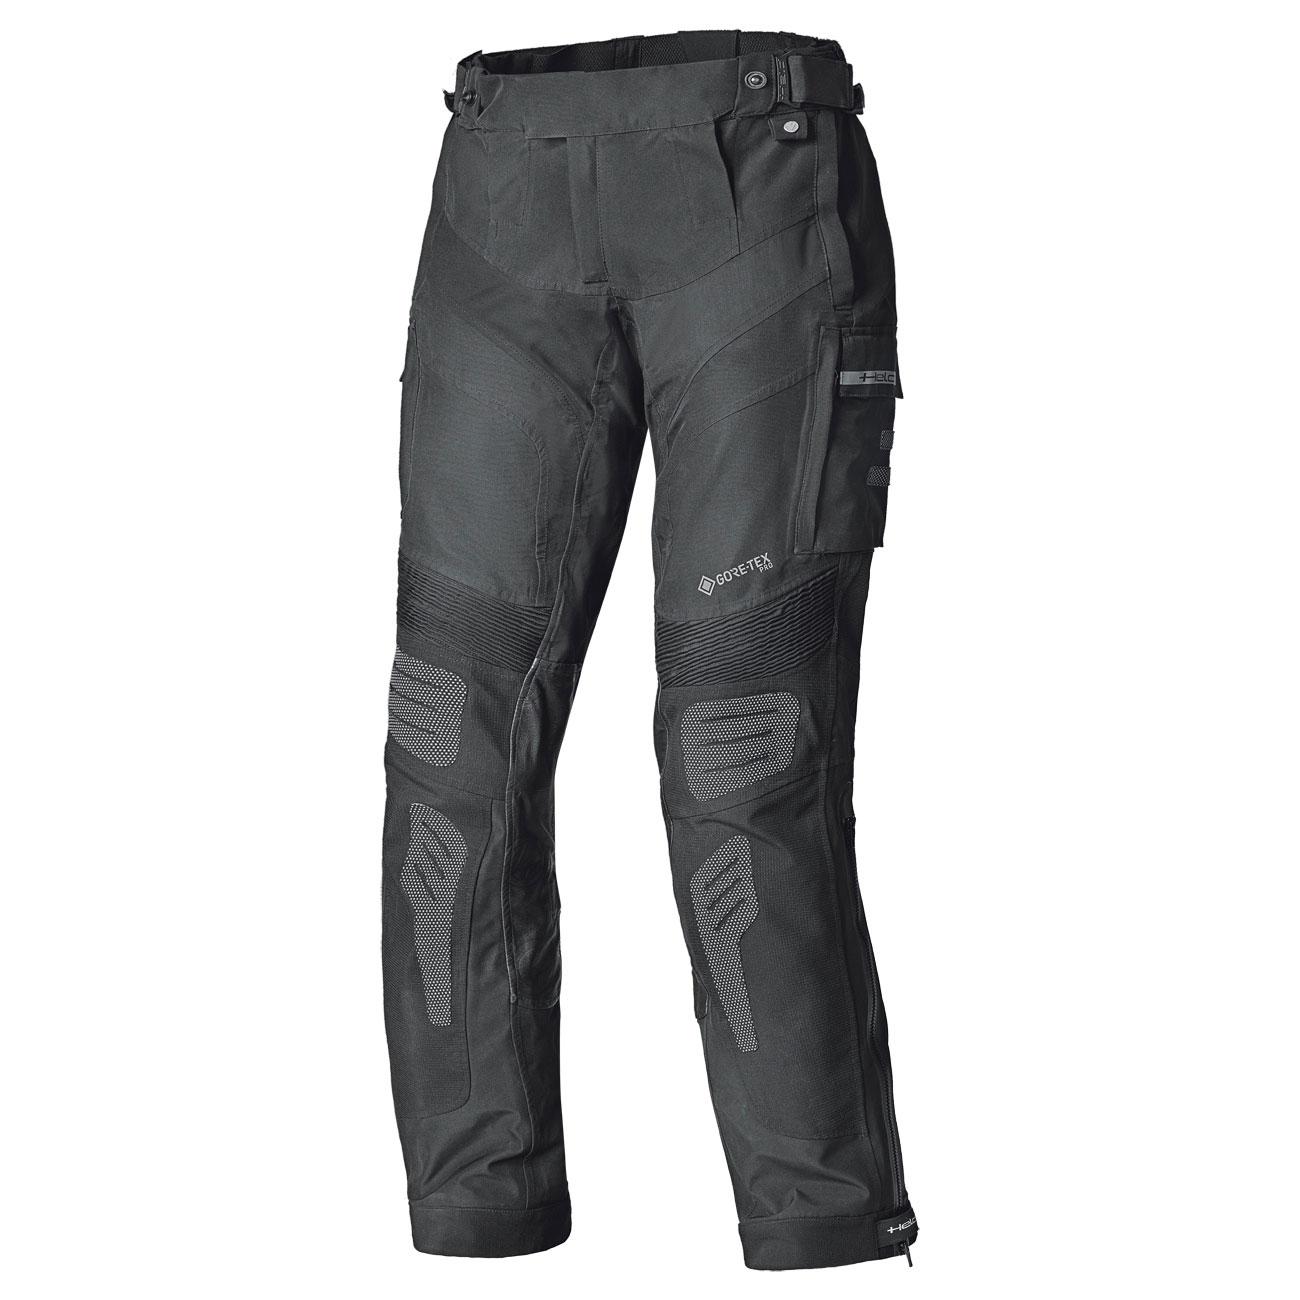 Pantalon Held Atacama Gore-Tex noir